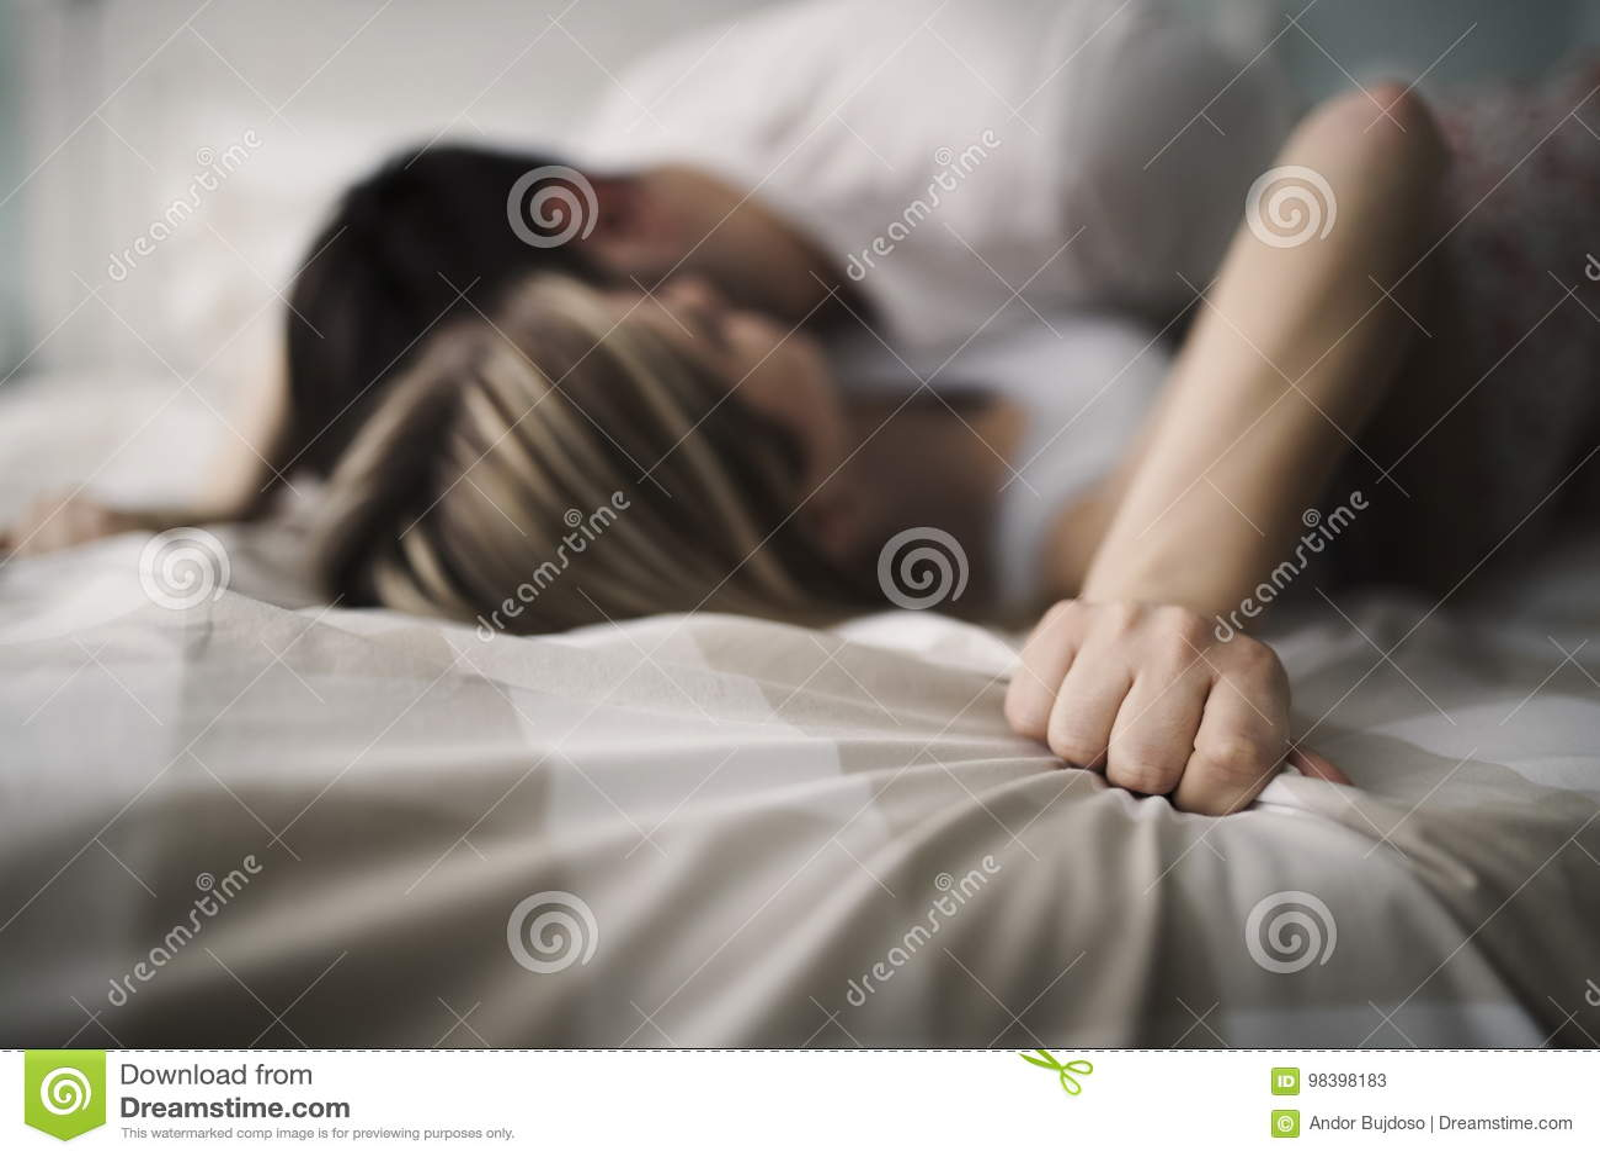 Beaux couples étant romantiques et passionnés dans le lit